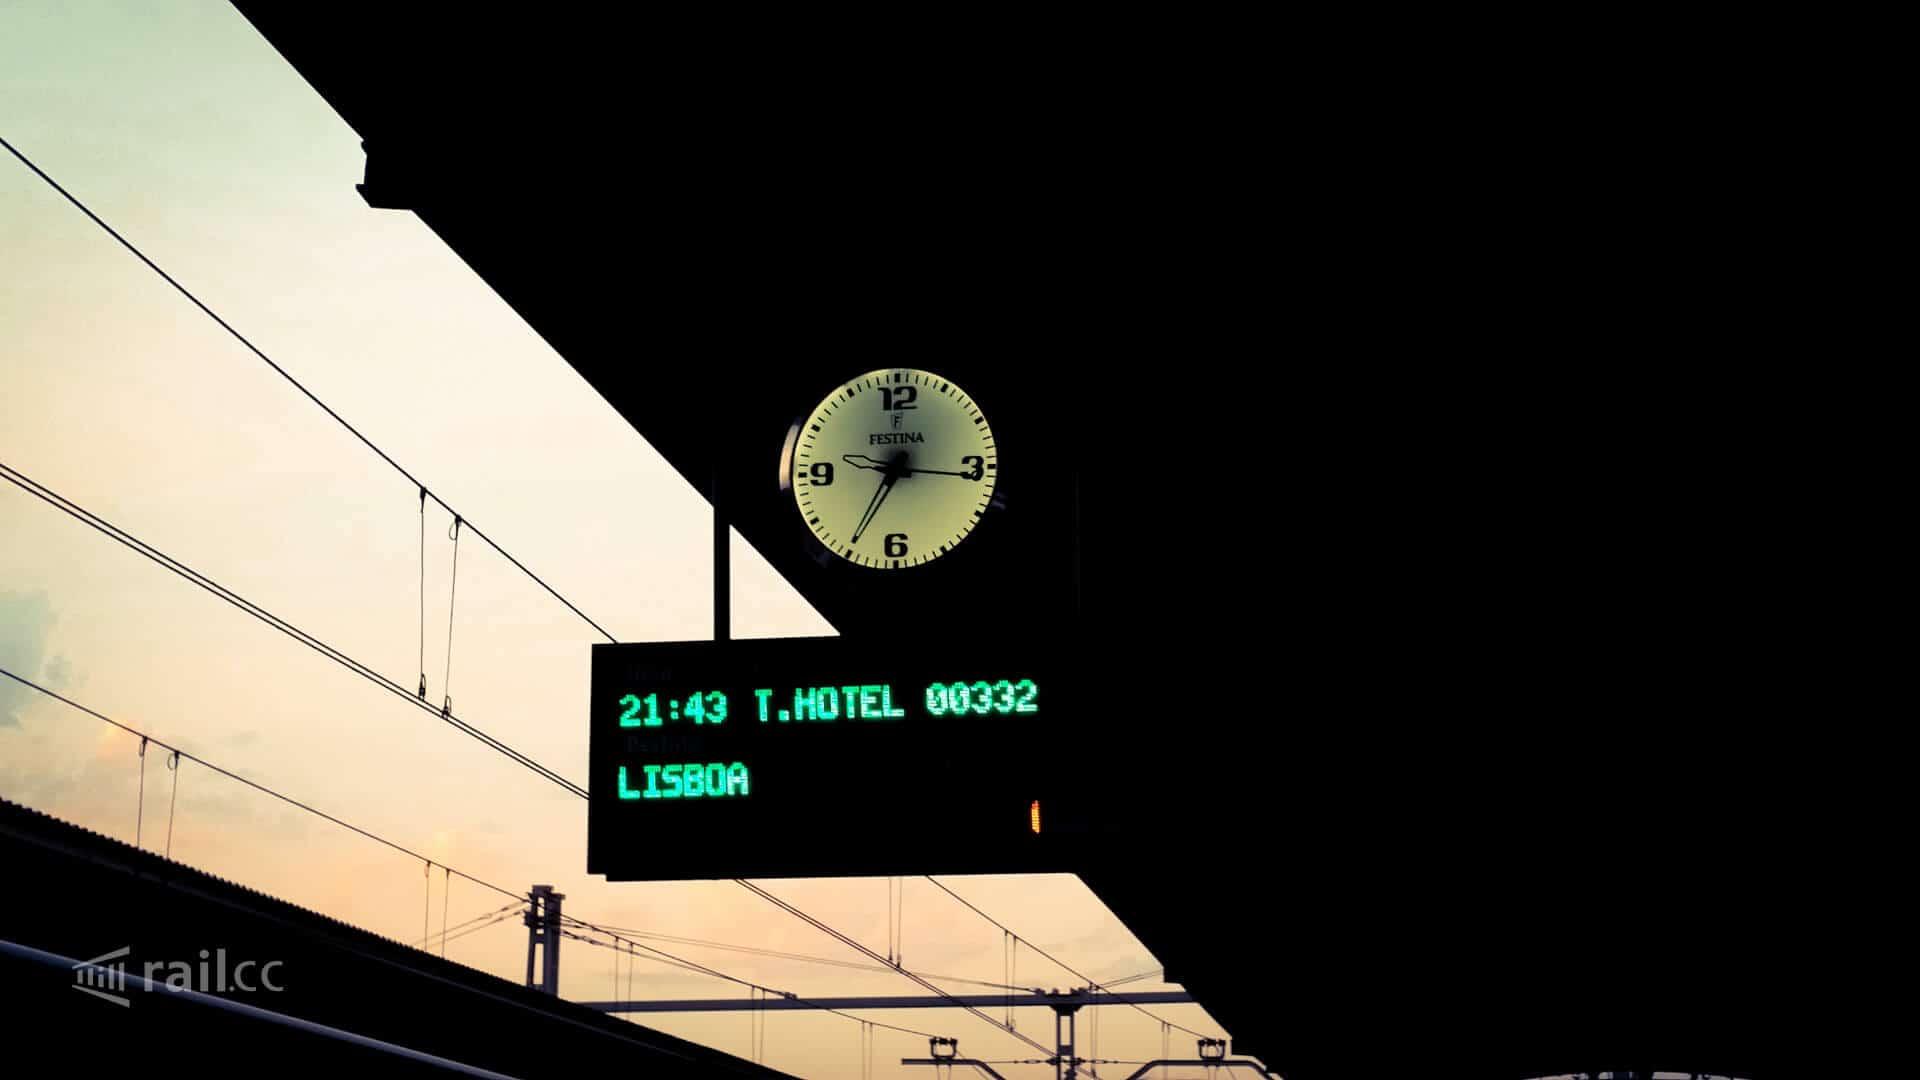 Der Trenotel Nachtzug in Richtung Lissabon steht abfahrbereit auf Gleis 12 des Bahnhofs Madrid-Chamartin.